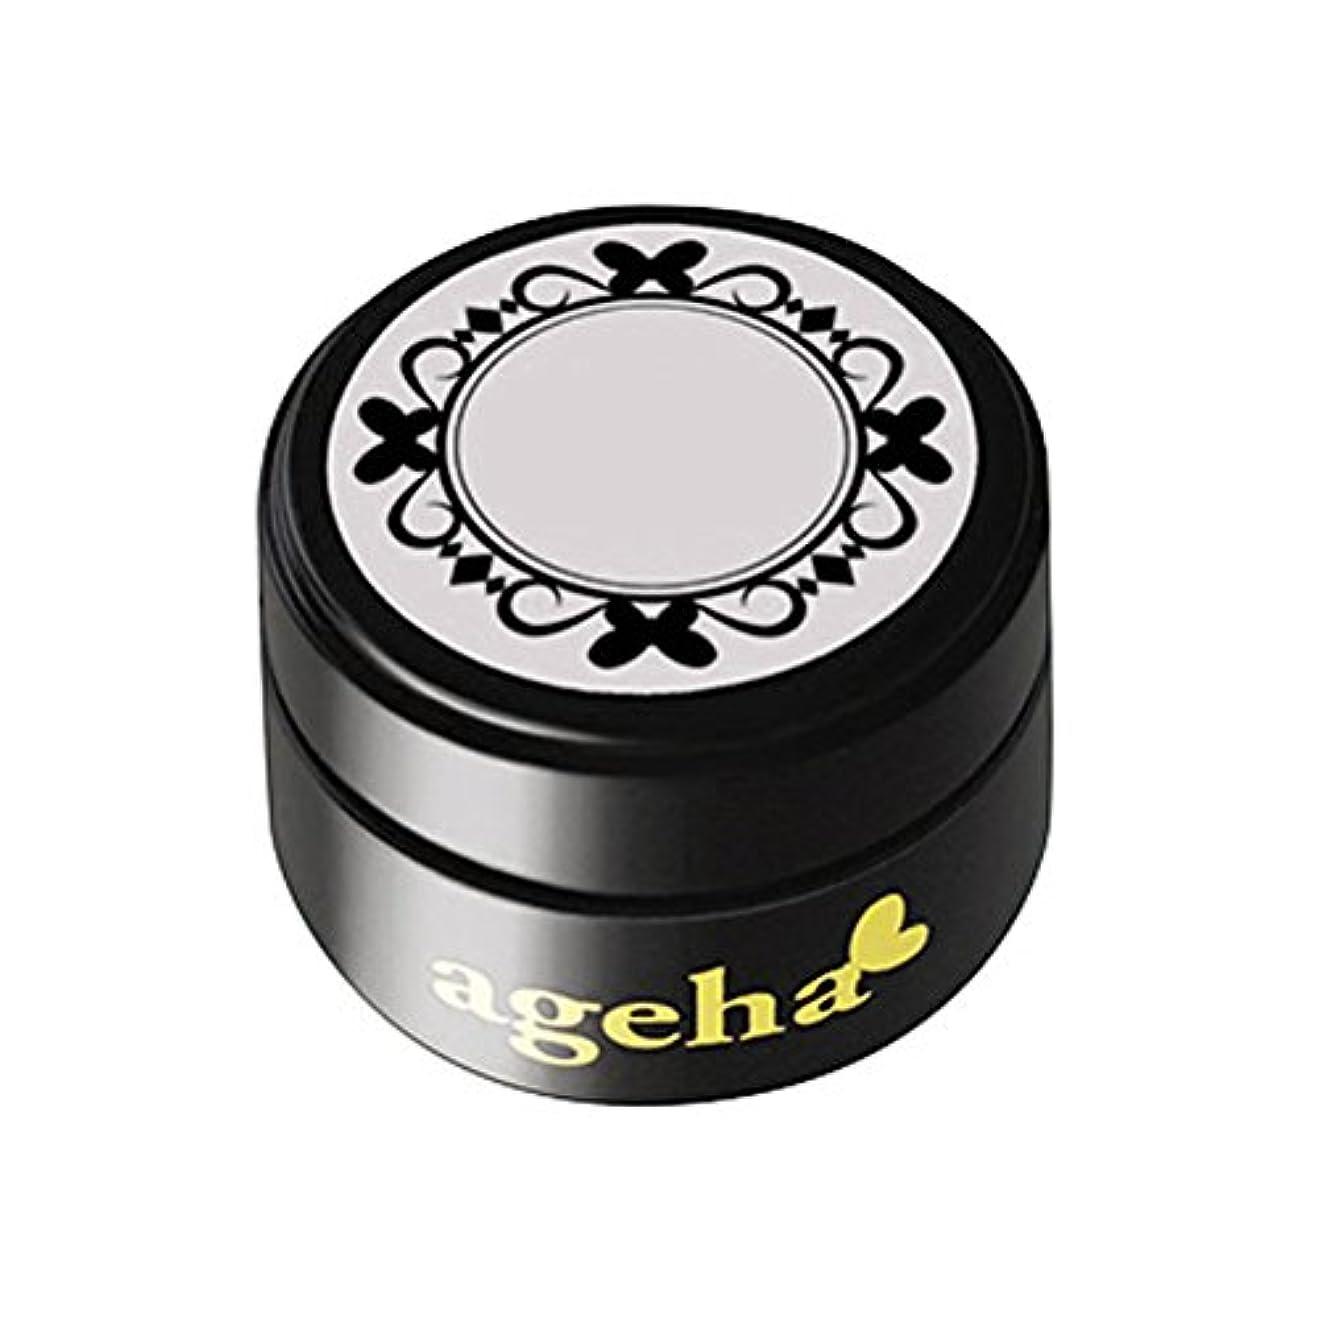 組み込む常識に対処するageha gel カラージェル コスメカラー 213 ピーチブロッサム 2.7g UV/LED対応